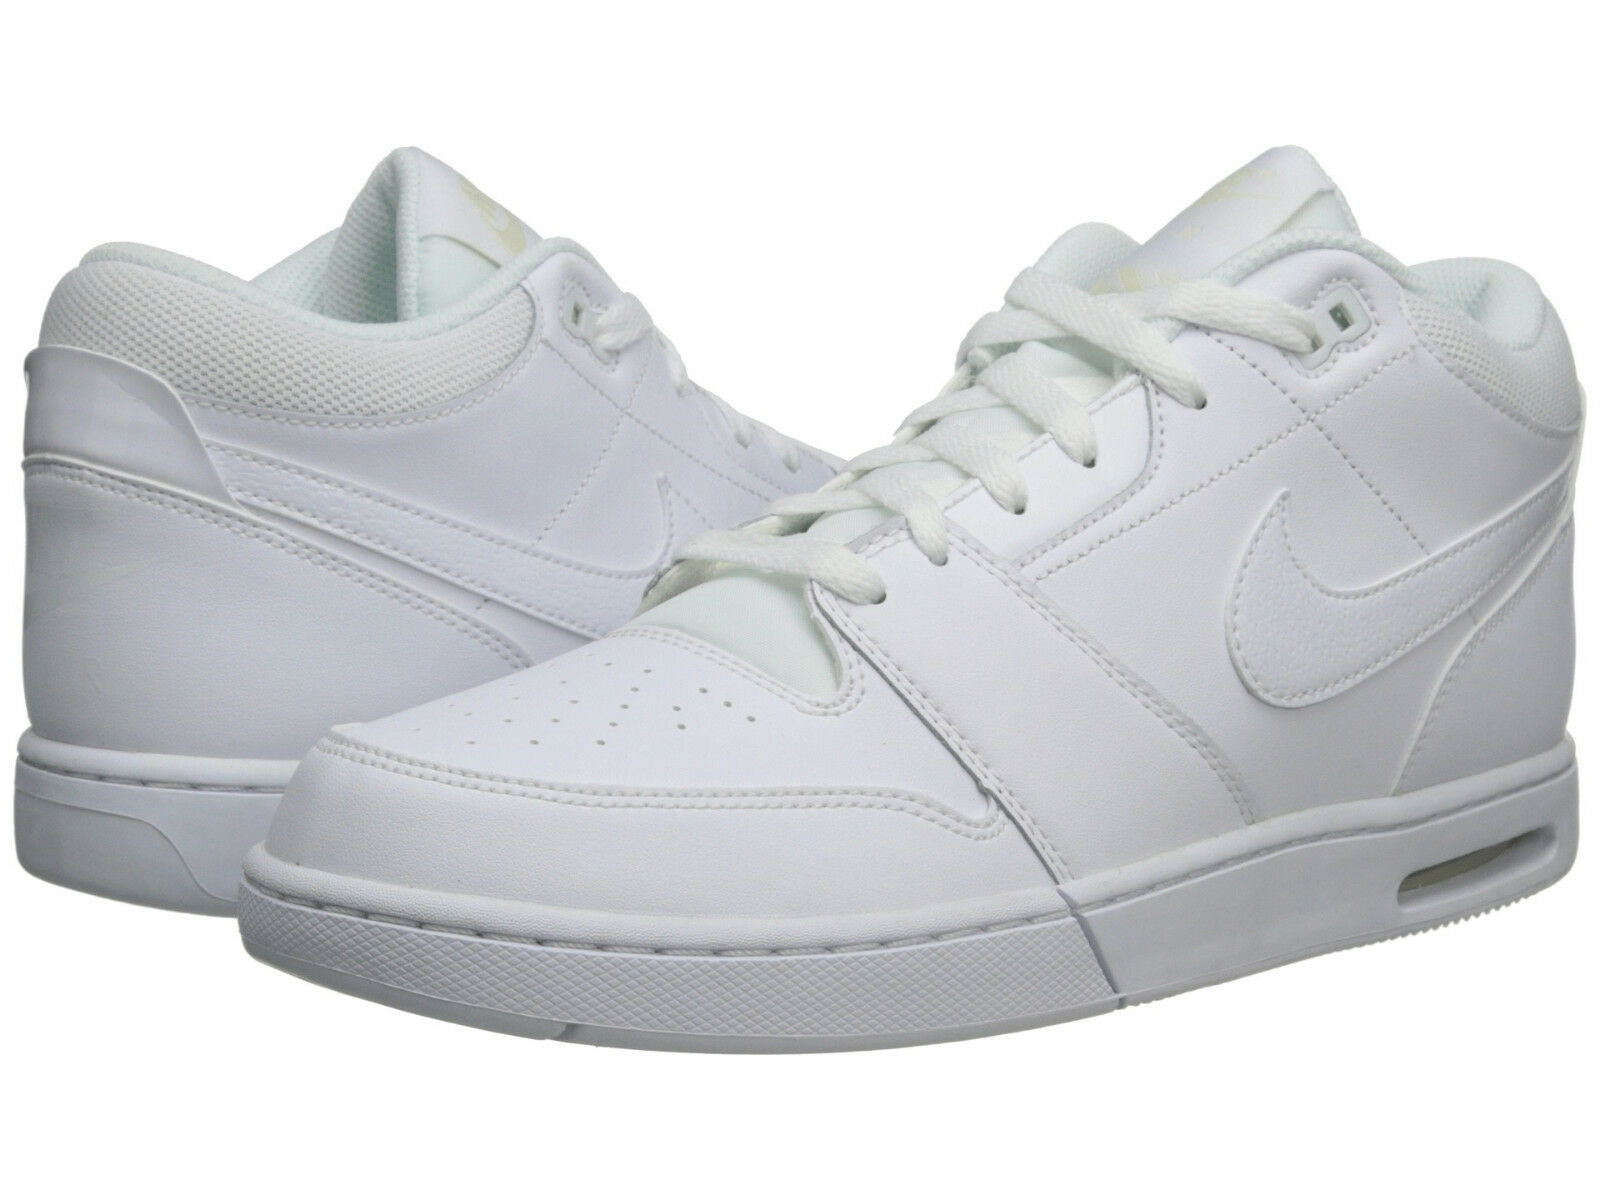 Nike air indietro gli uomini scarpe da da da basket di pelle bianca, nuova fede nike d1f367